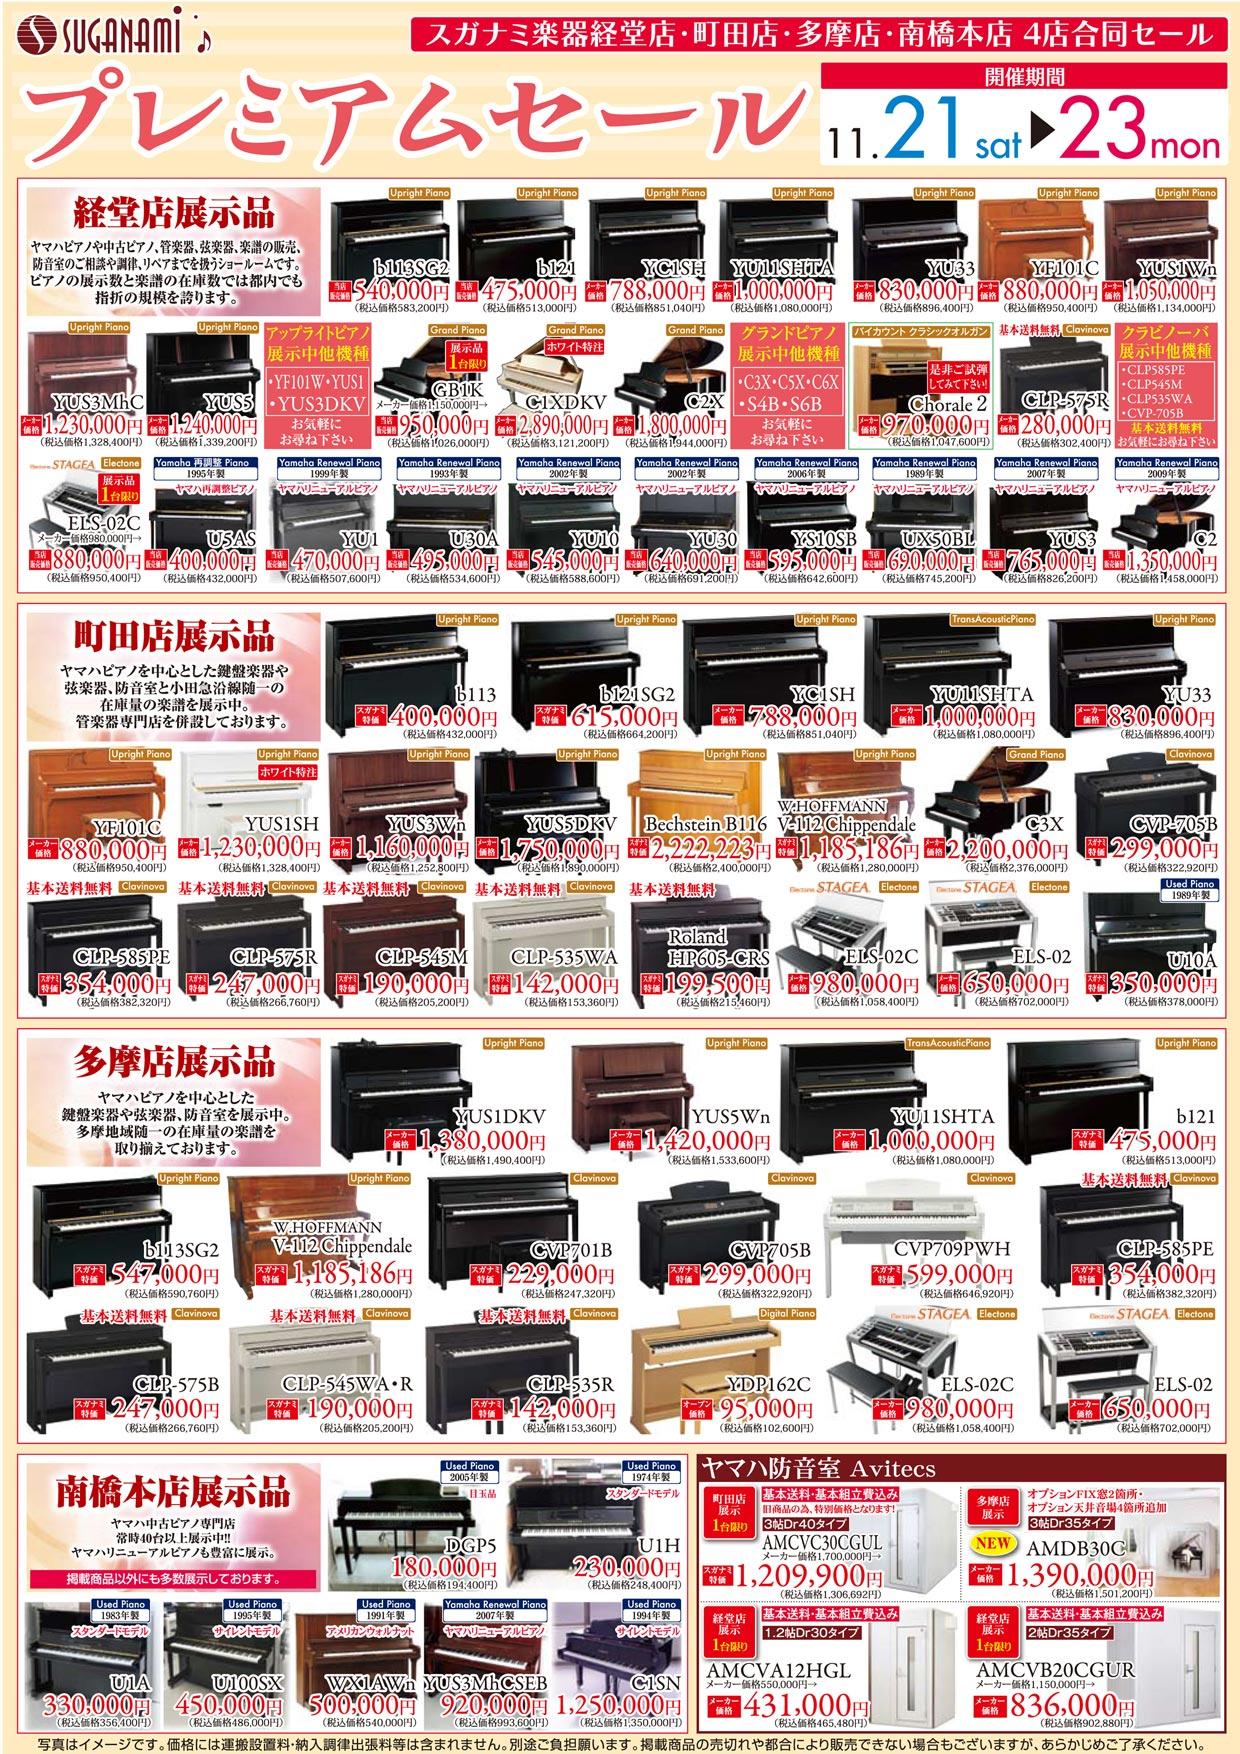 スガナミ楽器経堂店・町田店・多摩店・南橋本店4店合同、プレミアムセールは11月21日から23日まで。